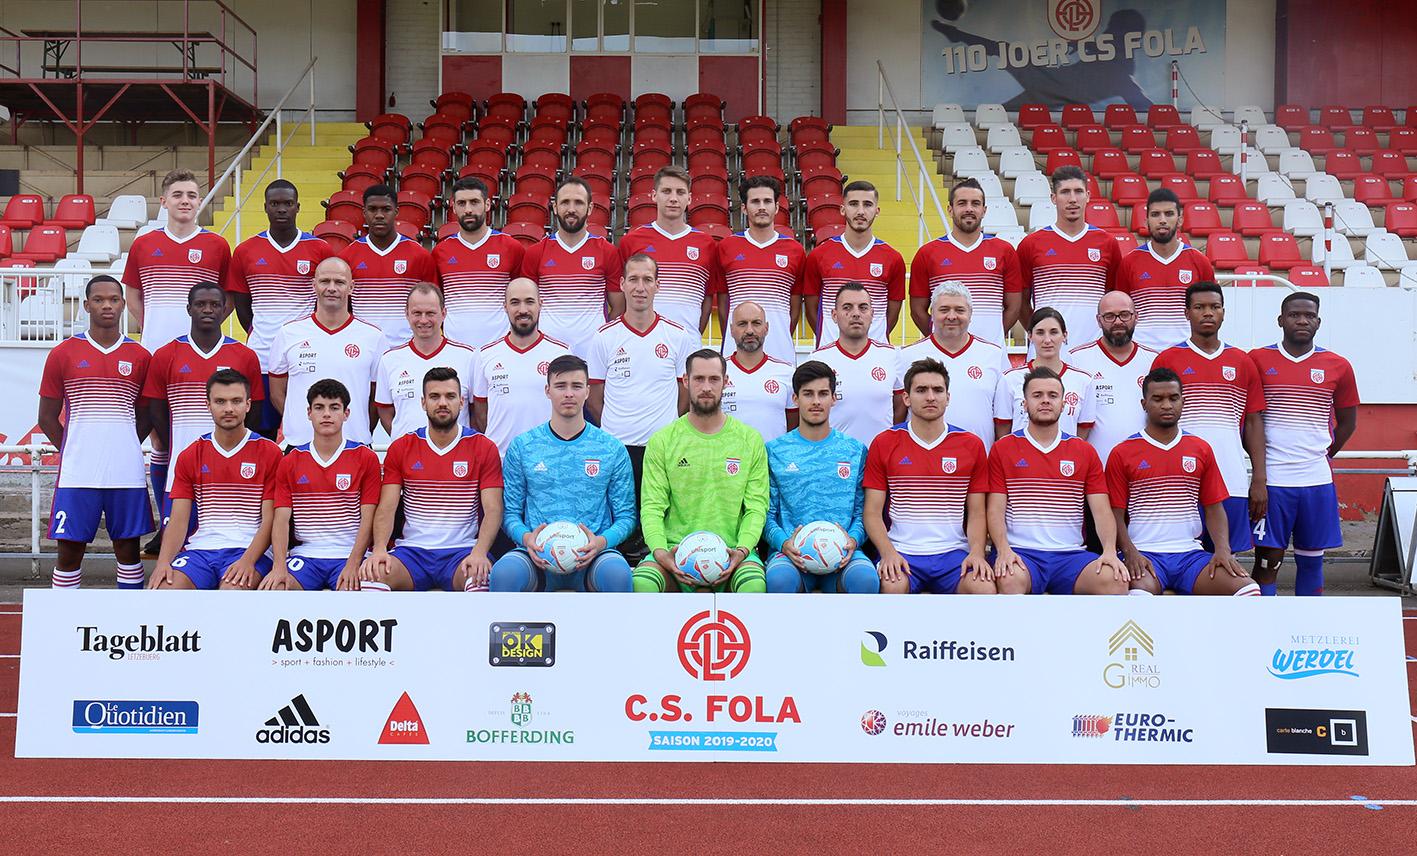 1e match de préparation 2020; CS FOLA - FC Metz réserves le 18/01/2020 à 15 heures au stade Emile Mayrisch